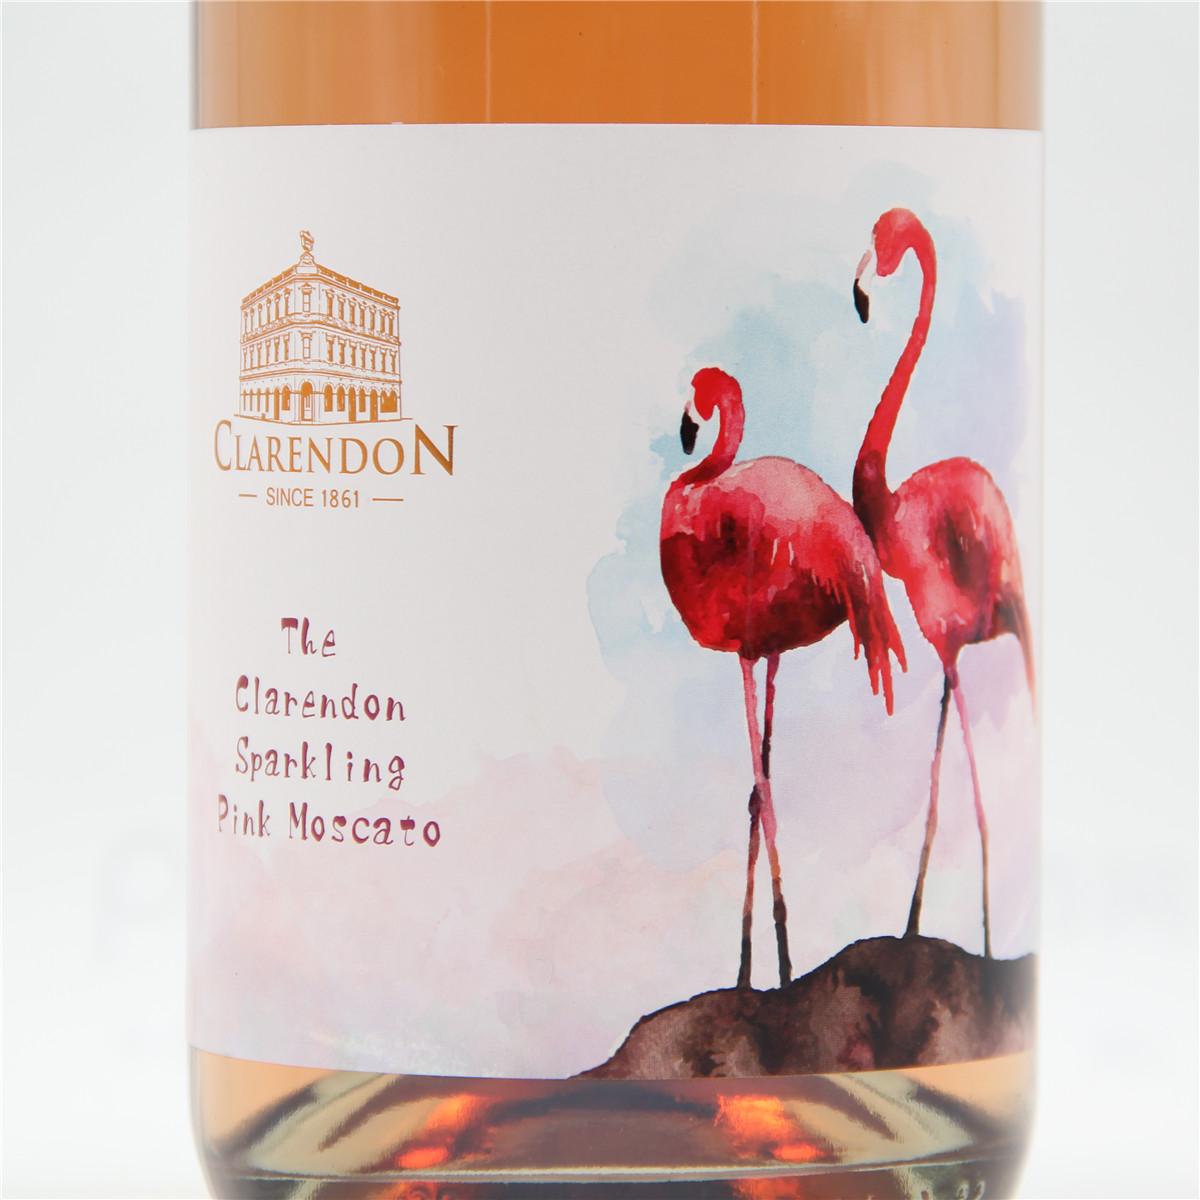 澳大利亚亨蒂产区克莱顿酒庄慕斯卡托粉红起泡酒